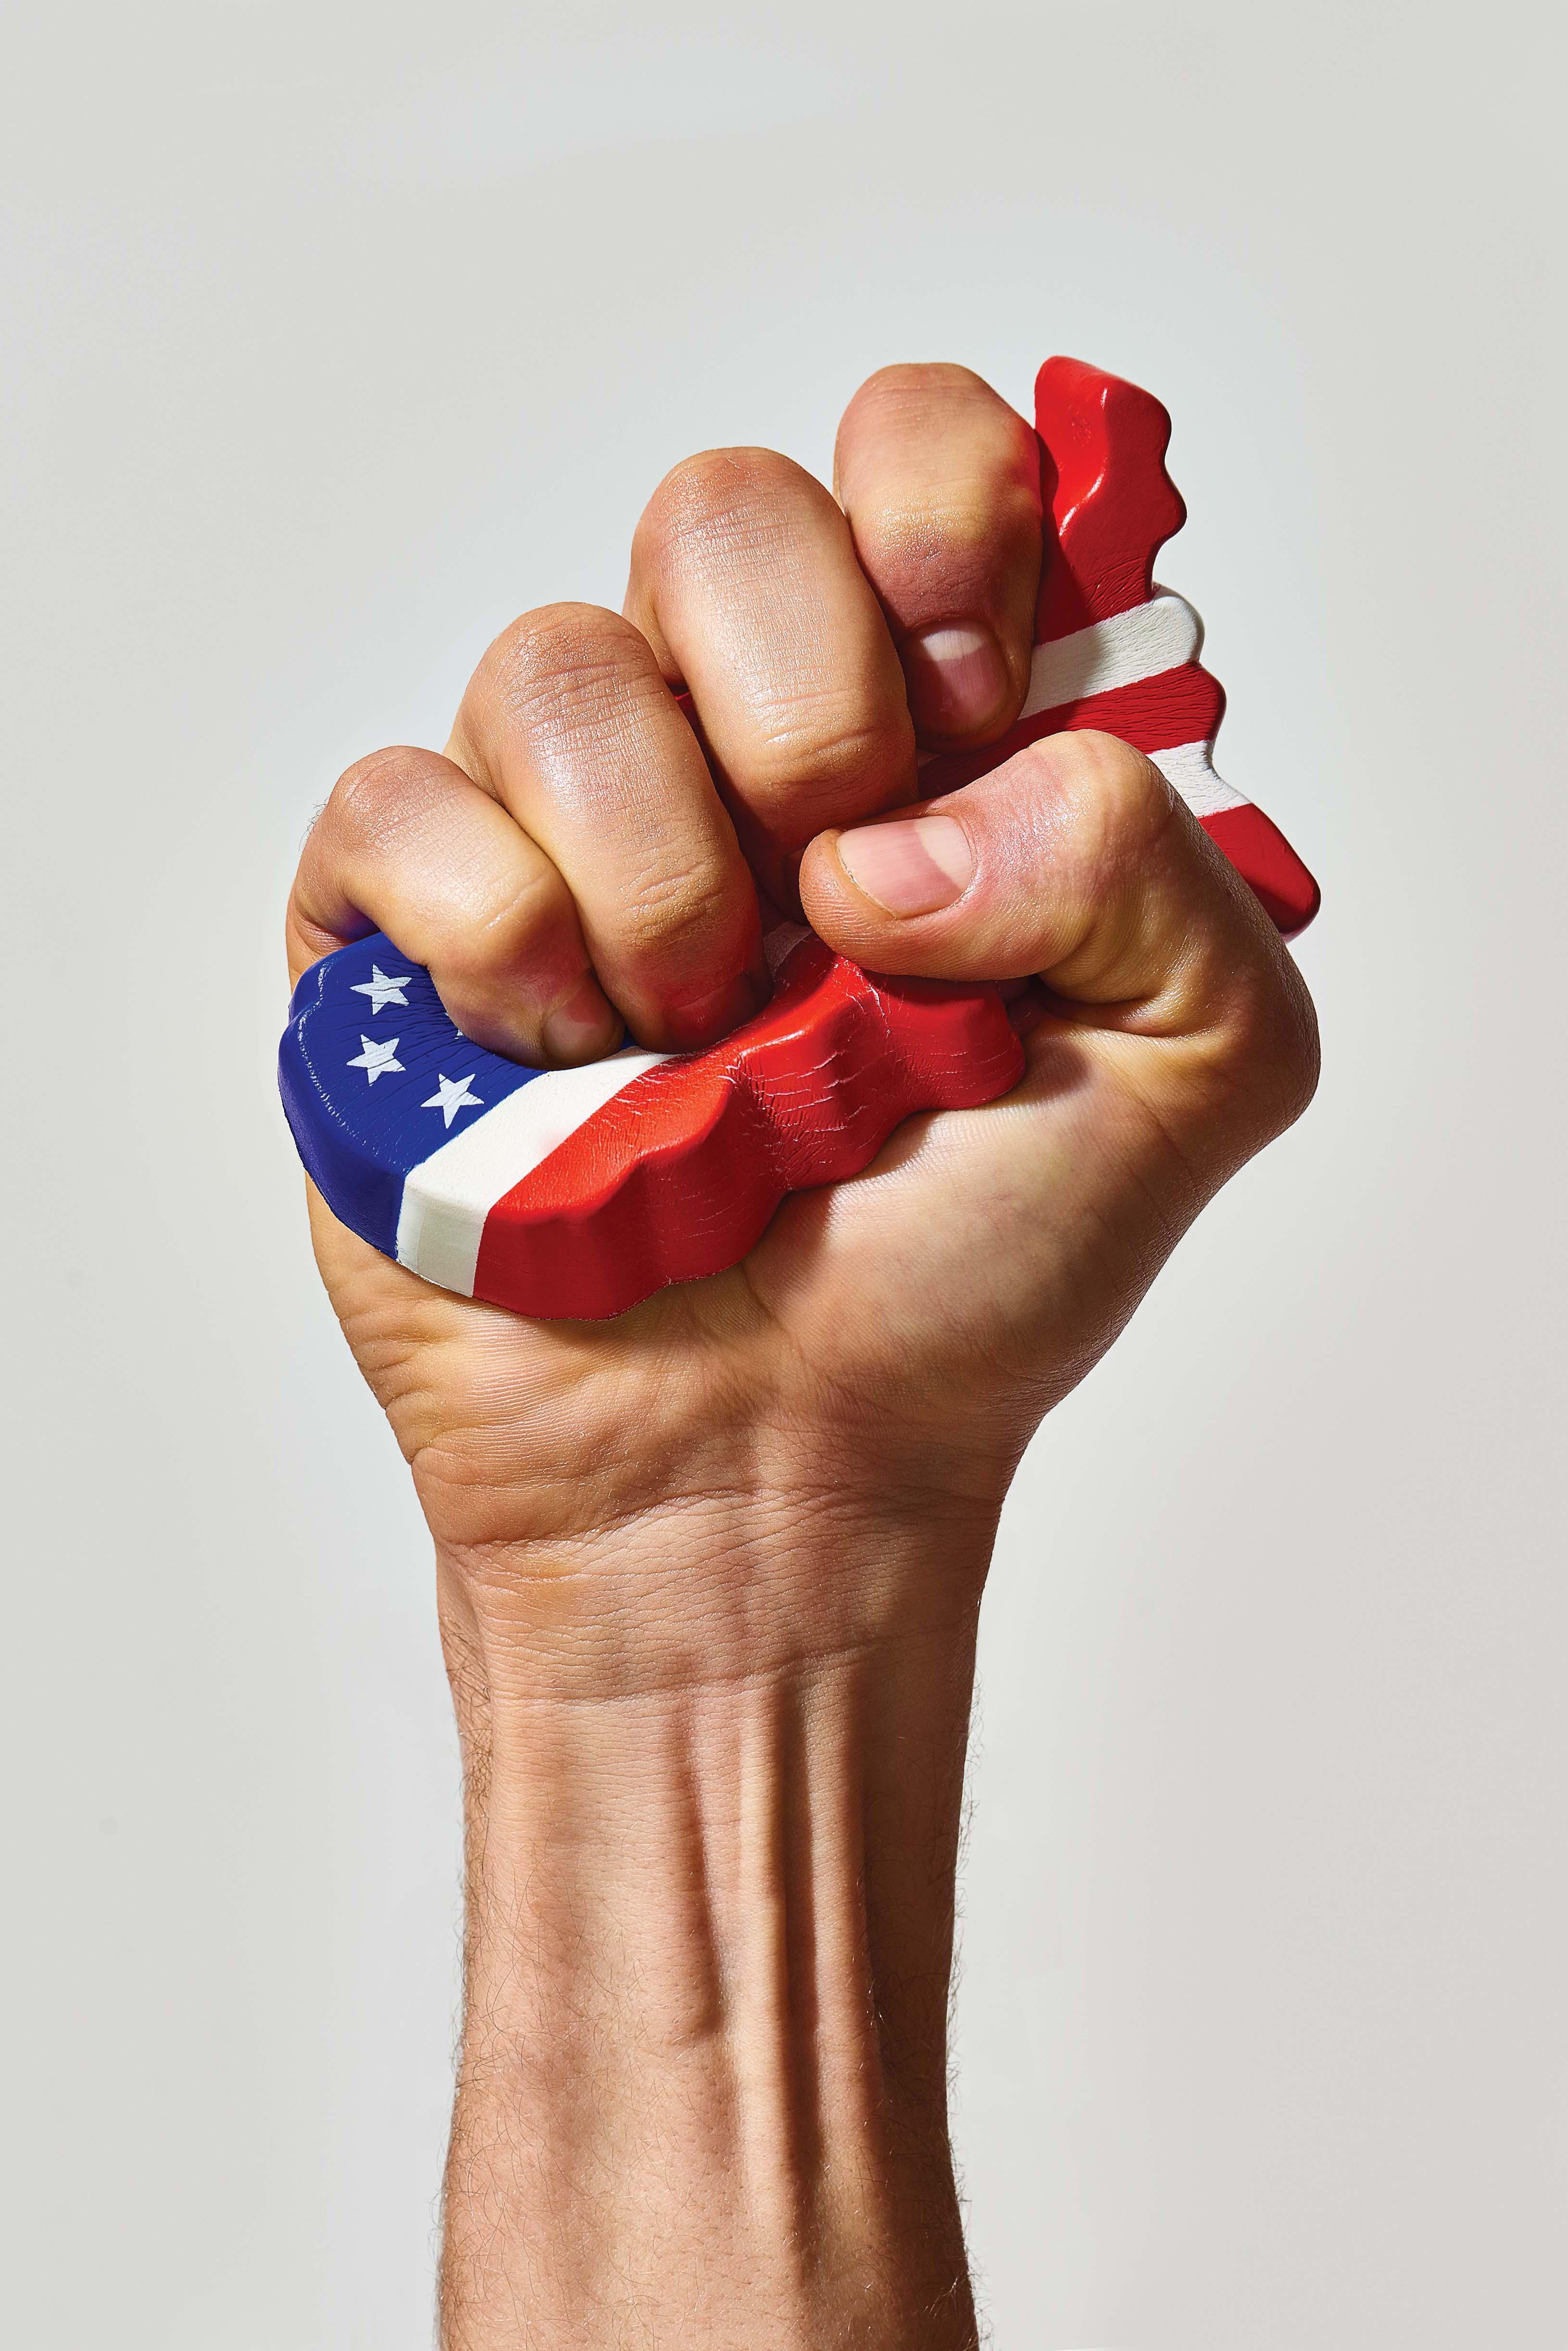 خبرساز سال: آمریکایی عصبانی